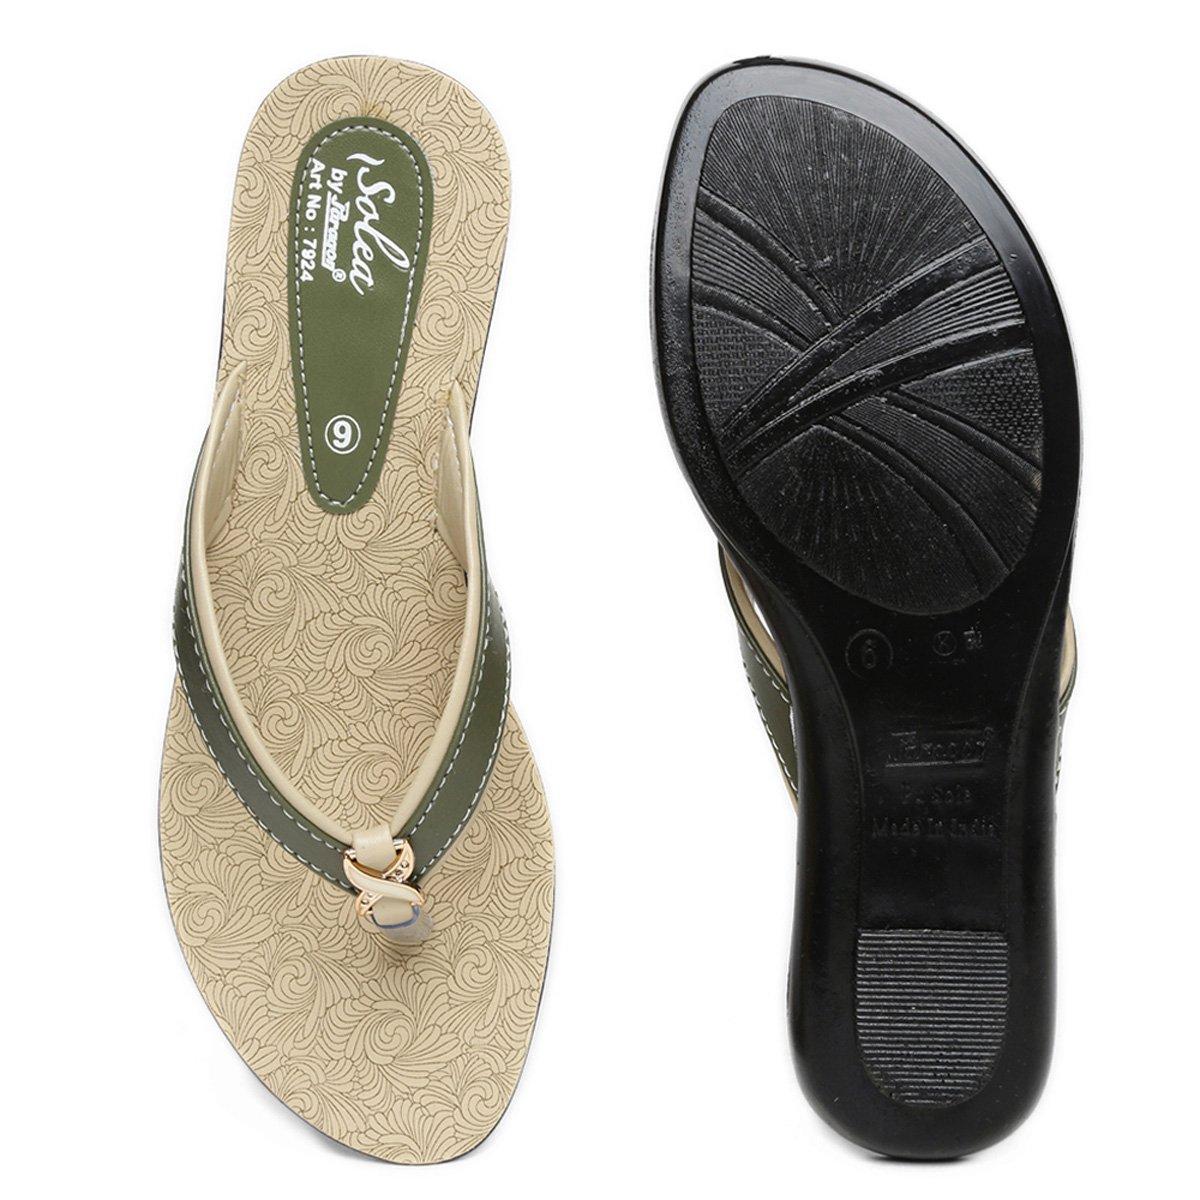 5c9397e16e176 PARAGON SOLEA Women's Green Flip-Flops - Ratzz Collection | Best ...